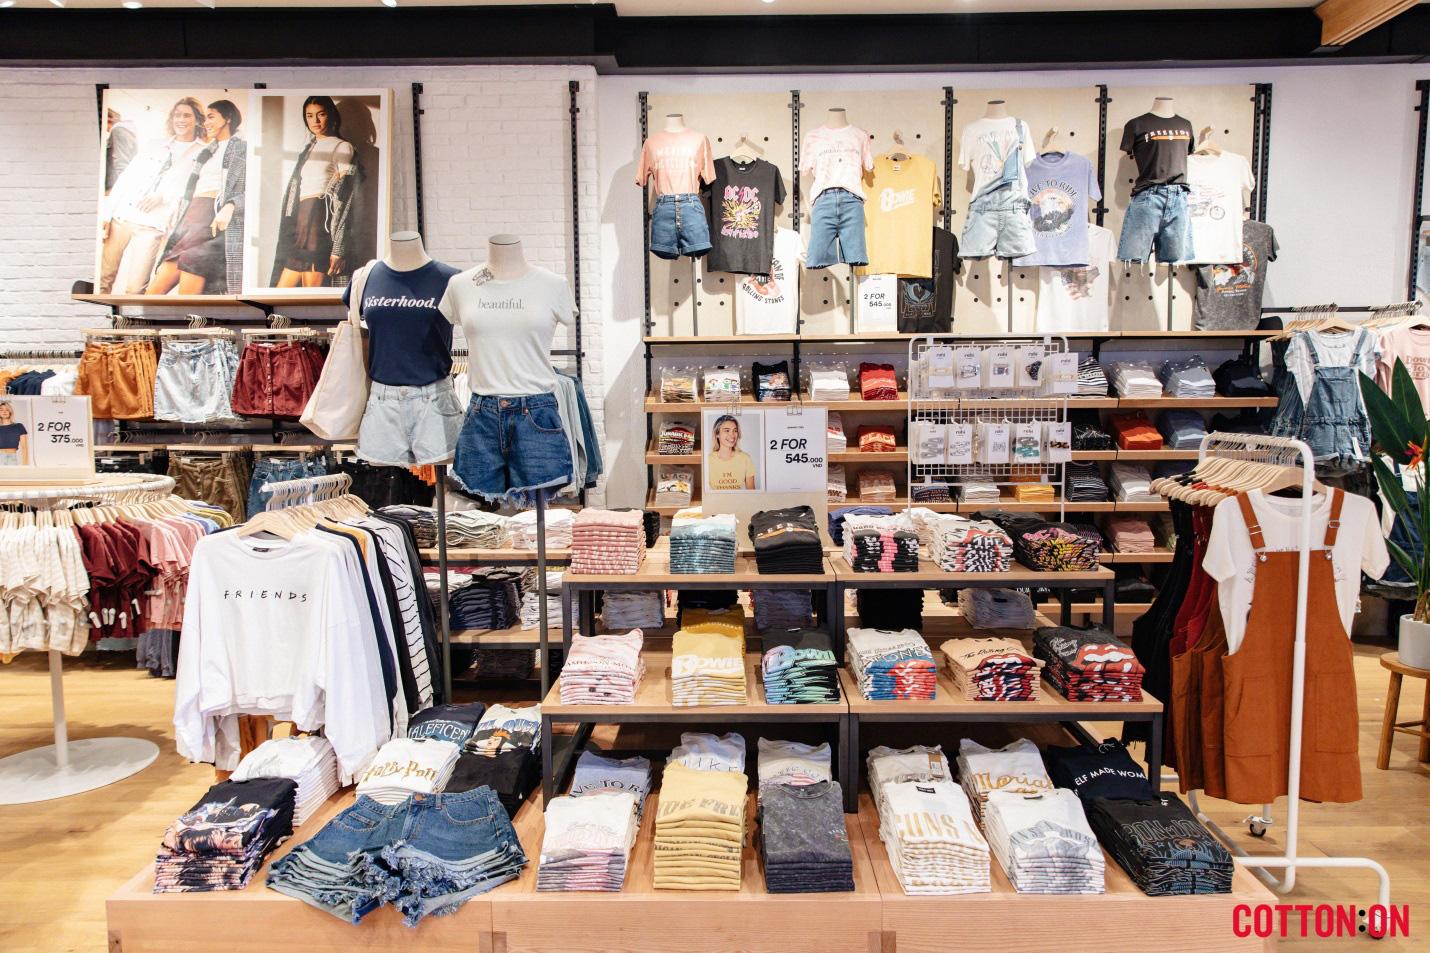 Bội thu với cửa hàng đầu tiên, Cotton On chính thức khai trương tại Hà Nội vào ngày 5/12/2019 - Ảnh 2.